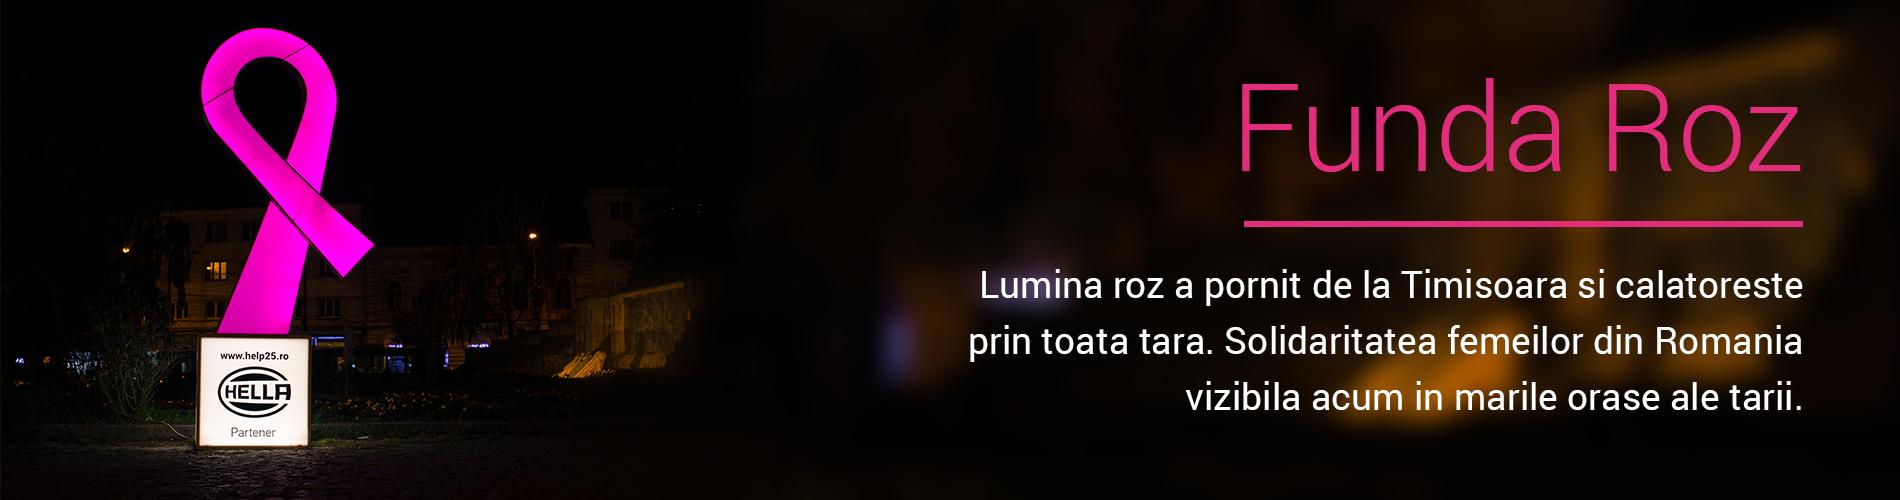 Funda-3